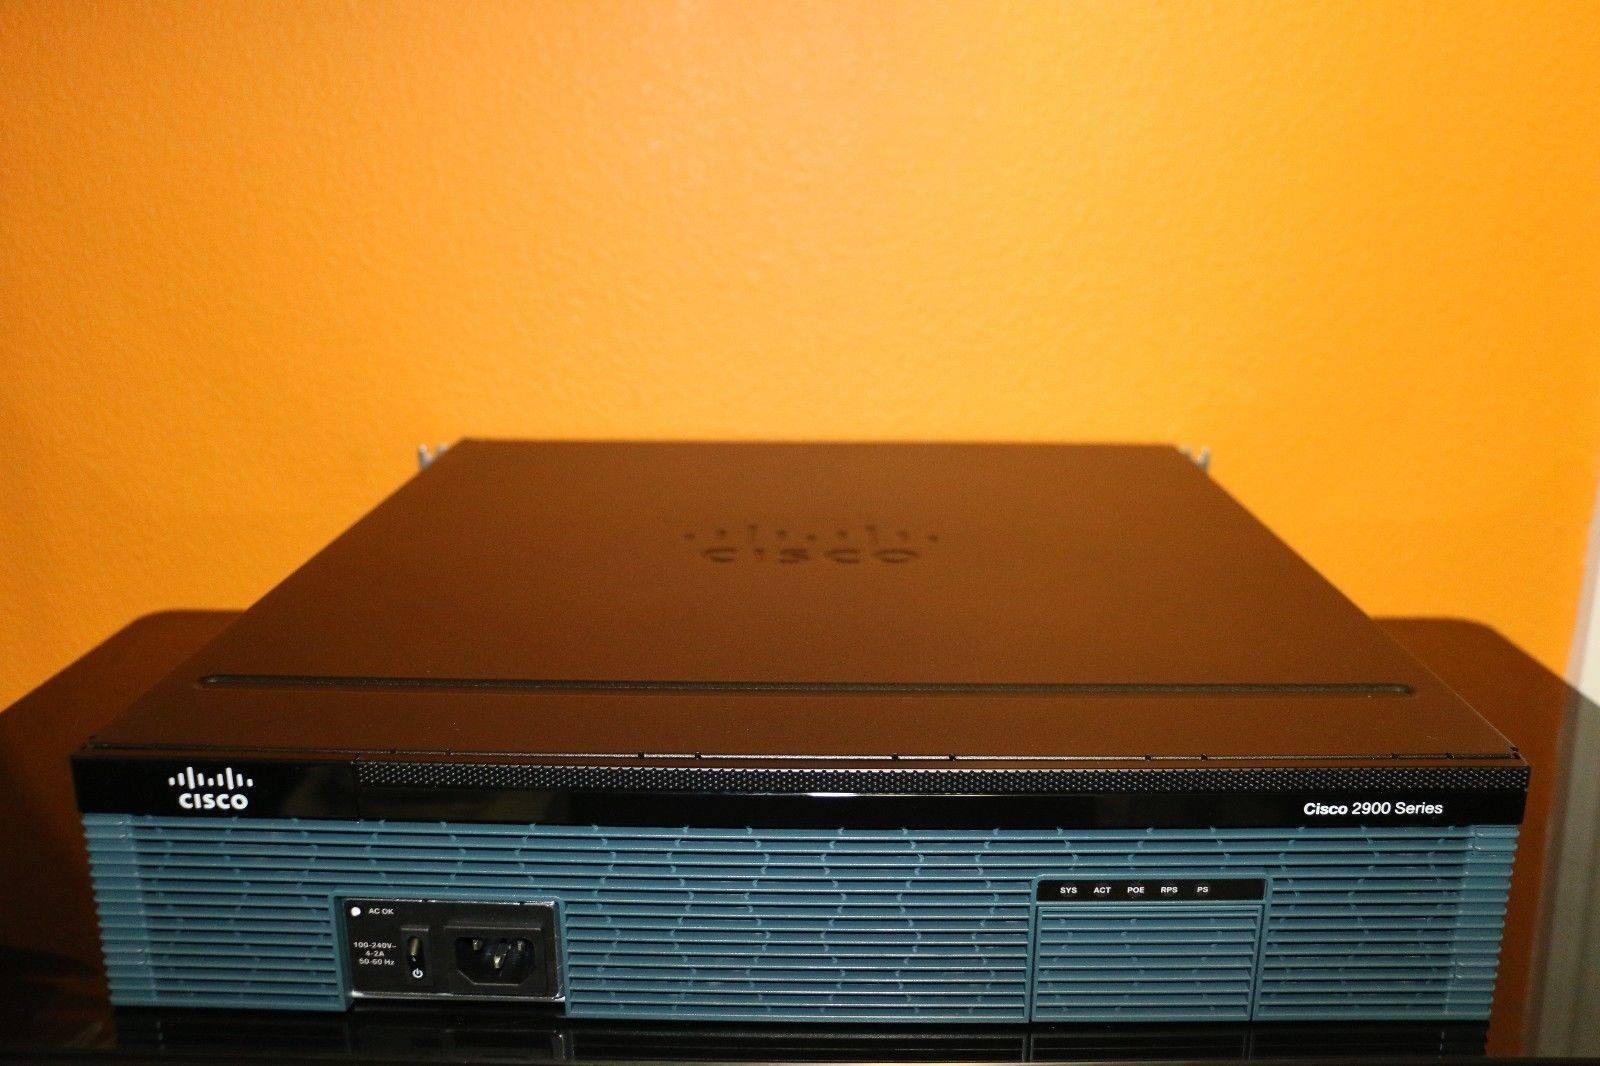 C2921-CME-SRST/K9 cisco router